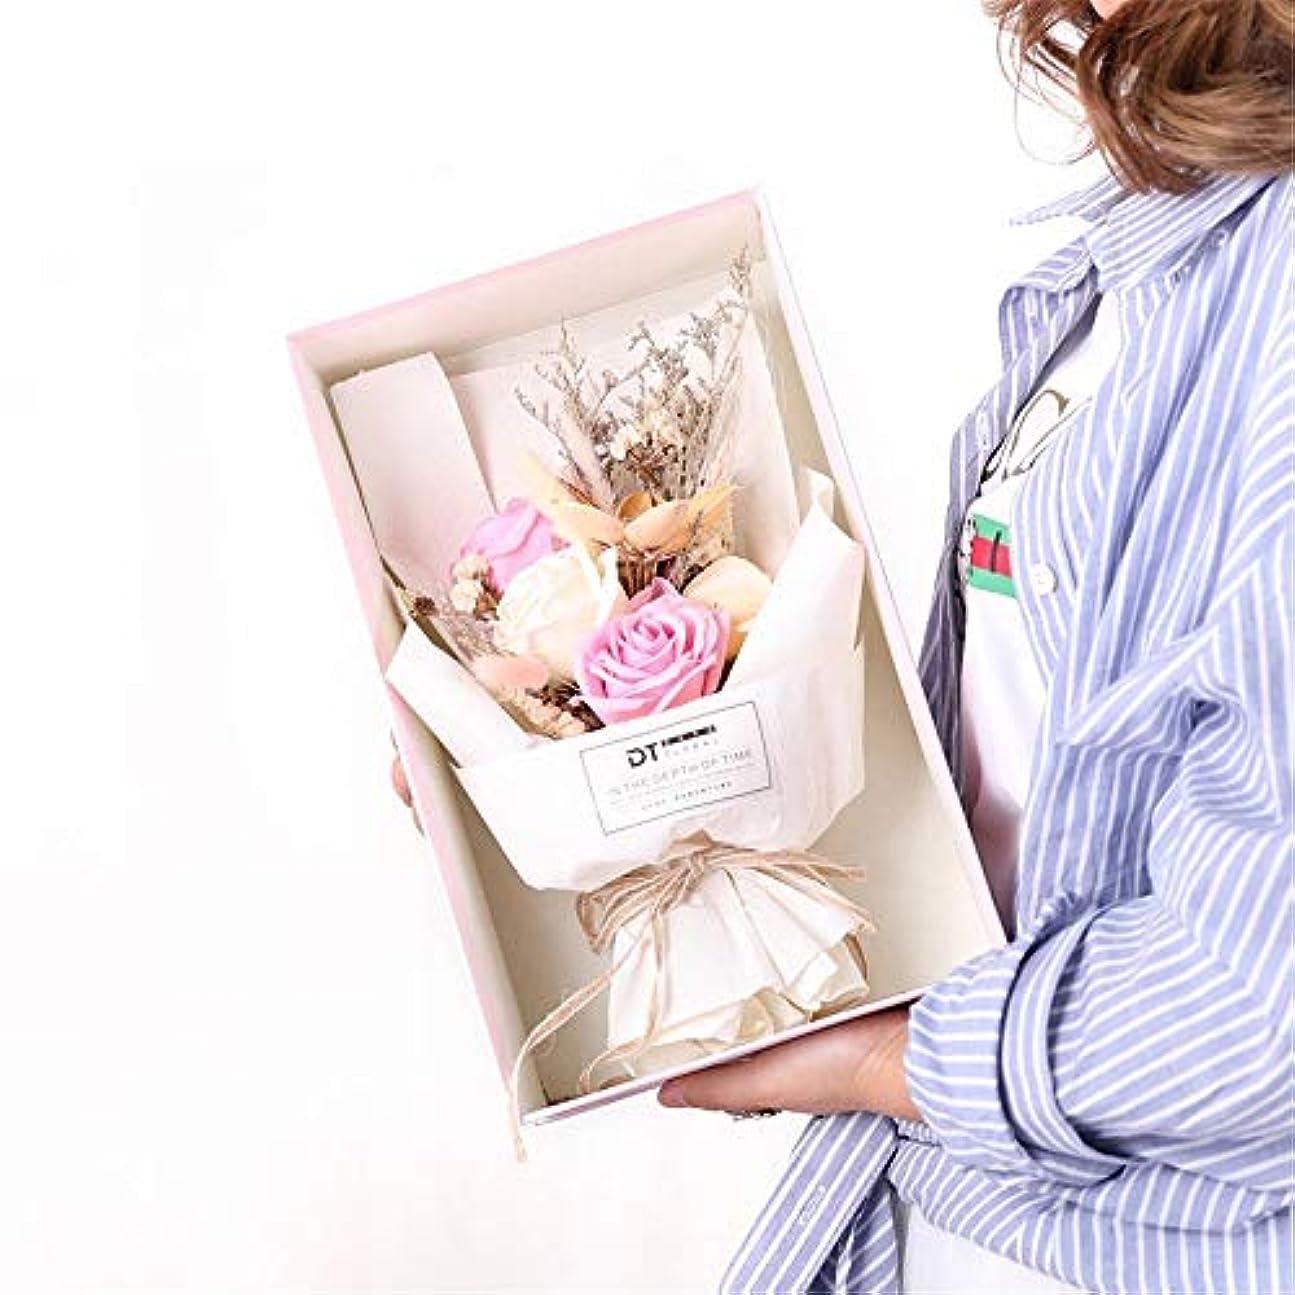 検査信条遷移手作りのバラ石鹸フラワーブーケのギフトボックス、女性のためのギフトバレンタインデー、母の日、結婚式、クリスマス、誕生日を愛した女の子 (色 : ピンク)